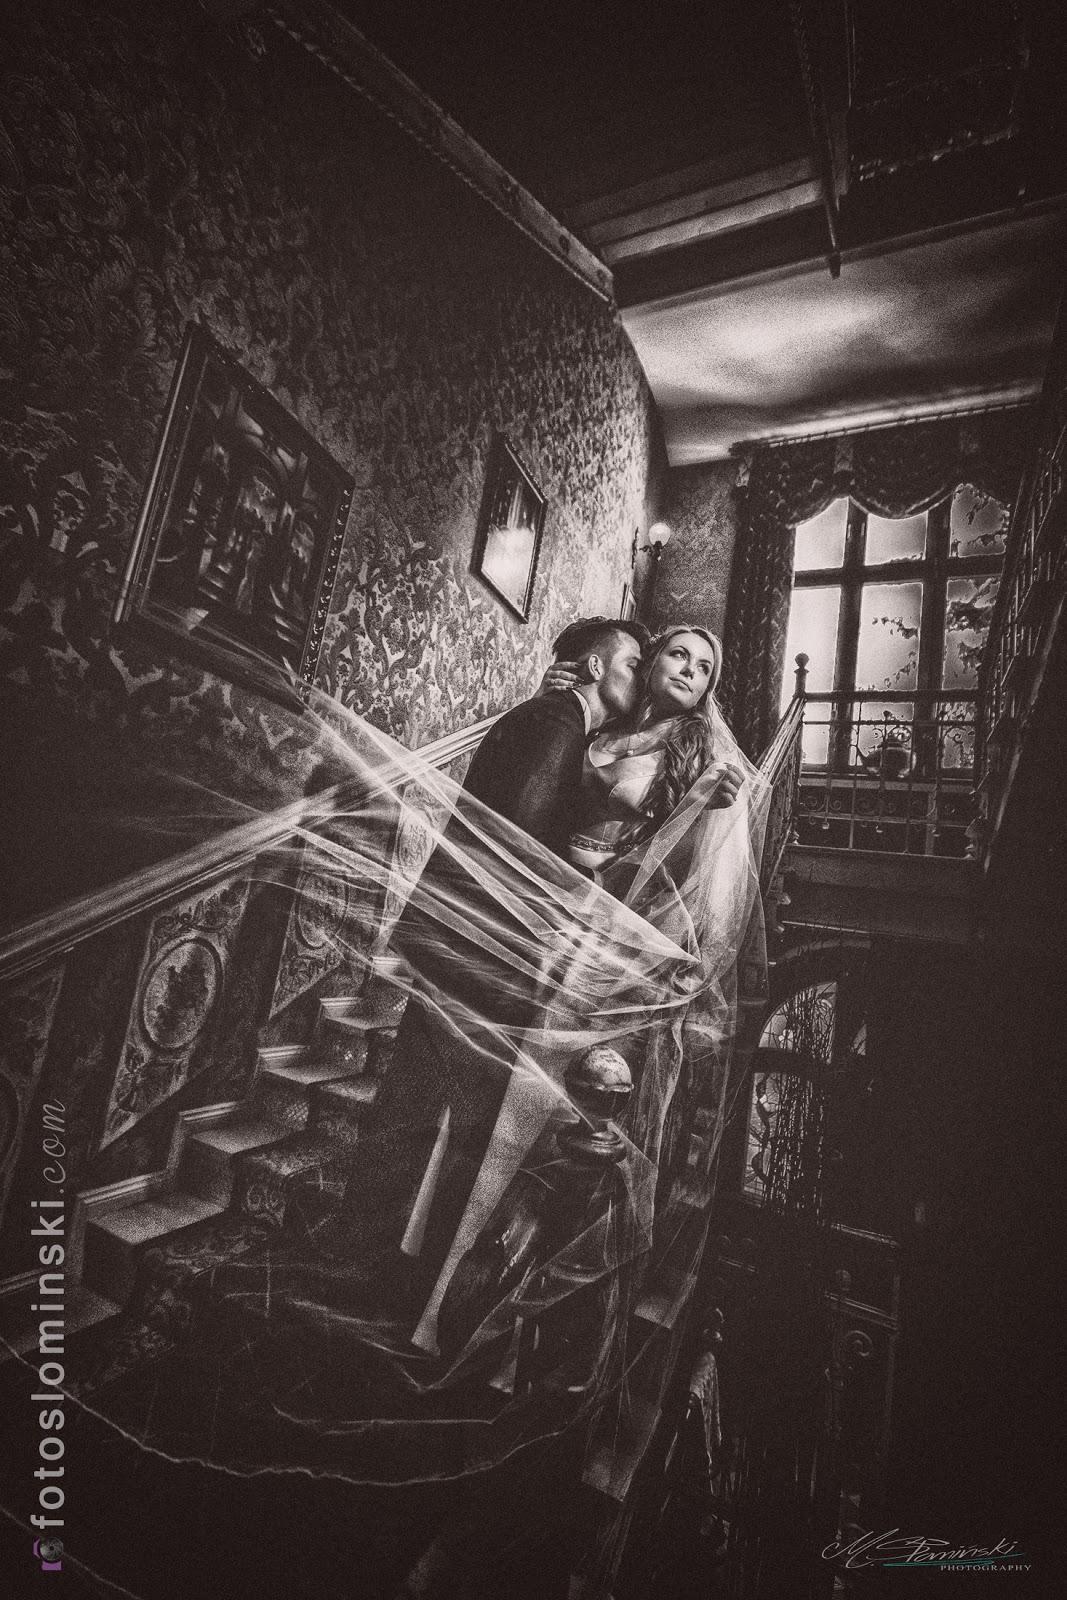 5 wyjątkowych zdjęć ślubnych - Wszystkie Czarno-Białe - #ZdjęciaSłomińskiego - Fotografia ślubna.